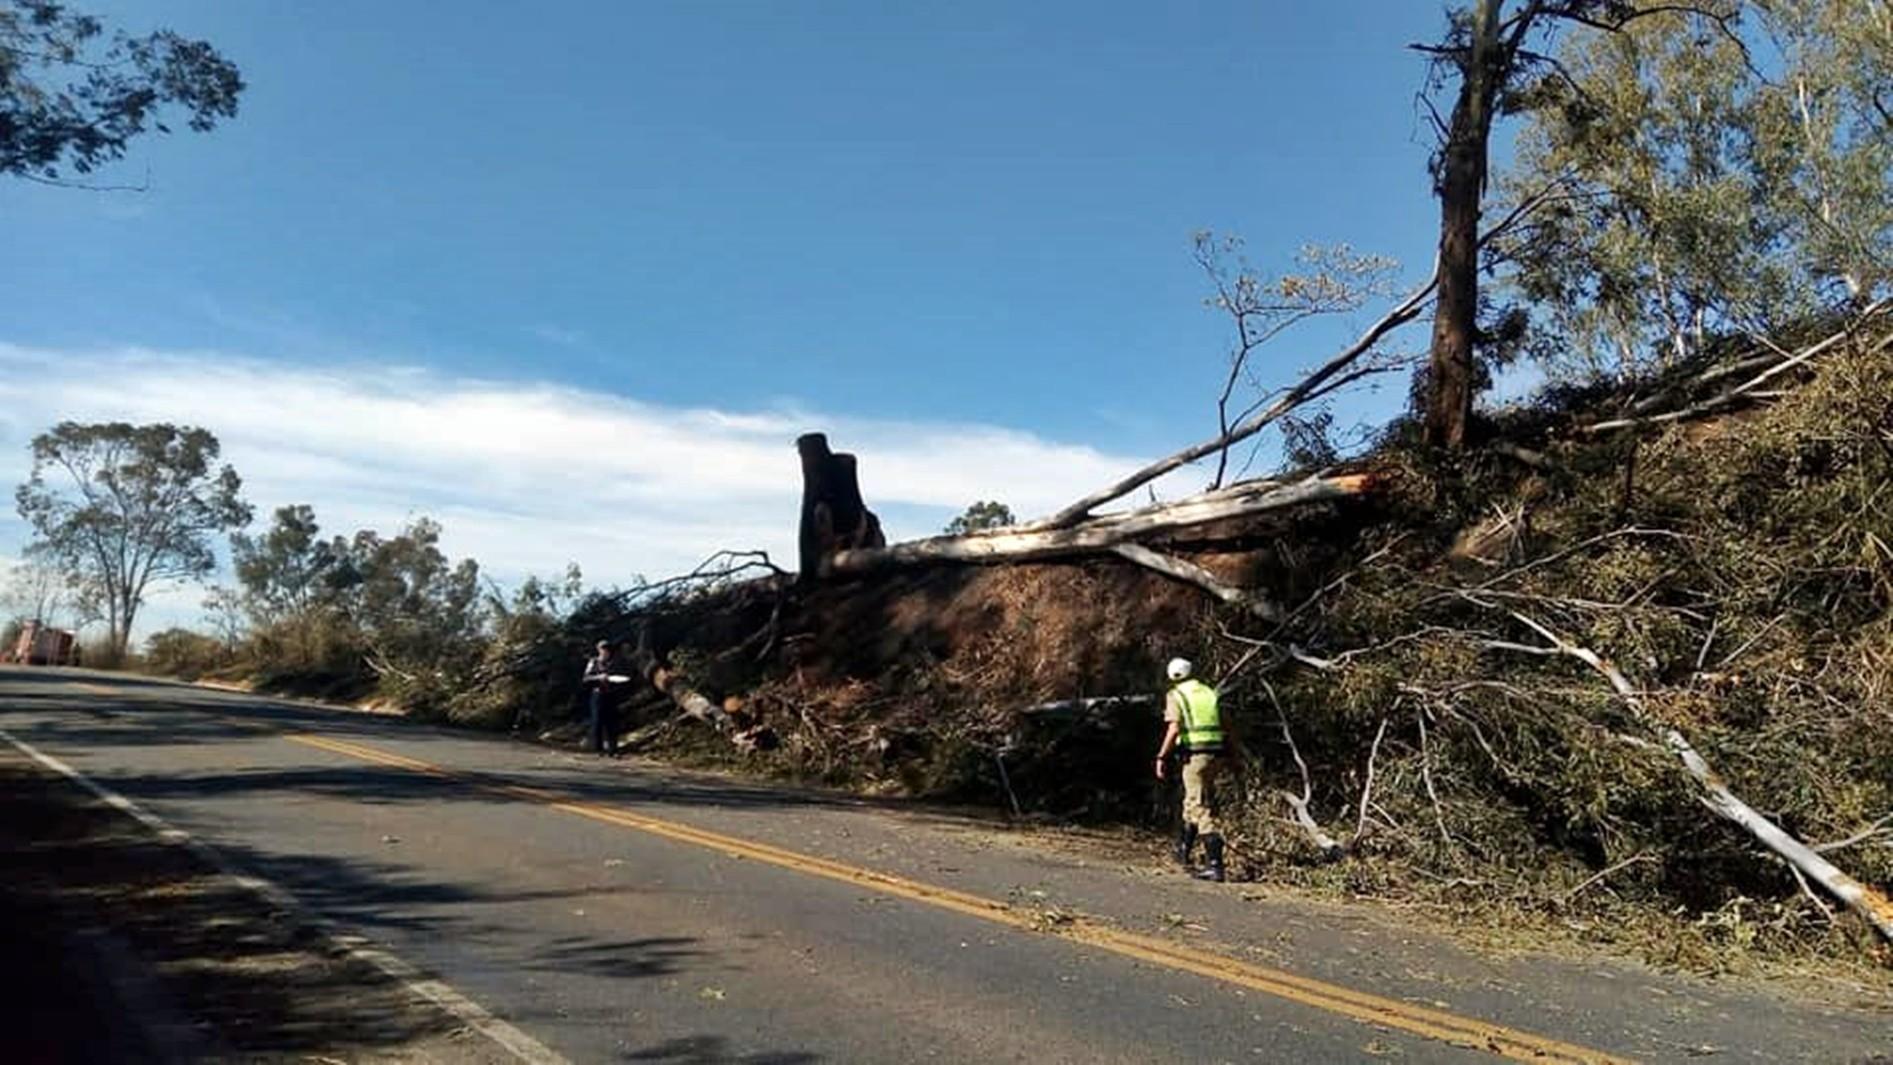 Trânsito na BR-491 fica interditado para retirada de árvores condenadas em Guaxupé, MG - Notícias - Plantão Diário